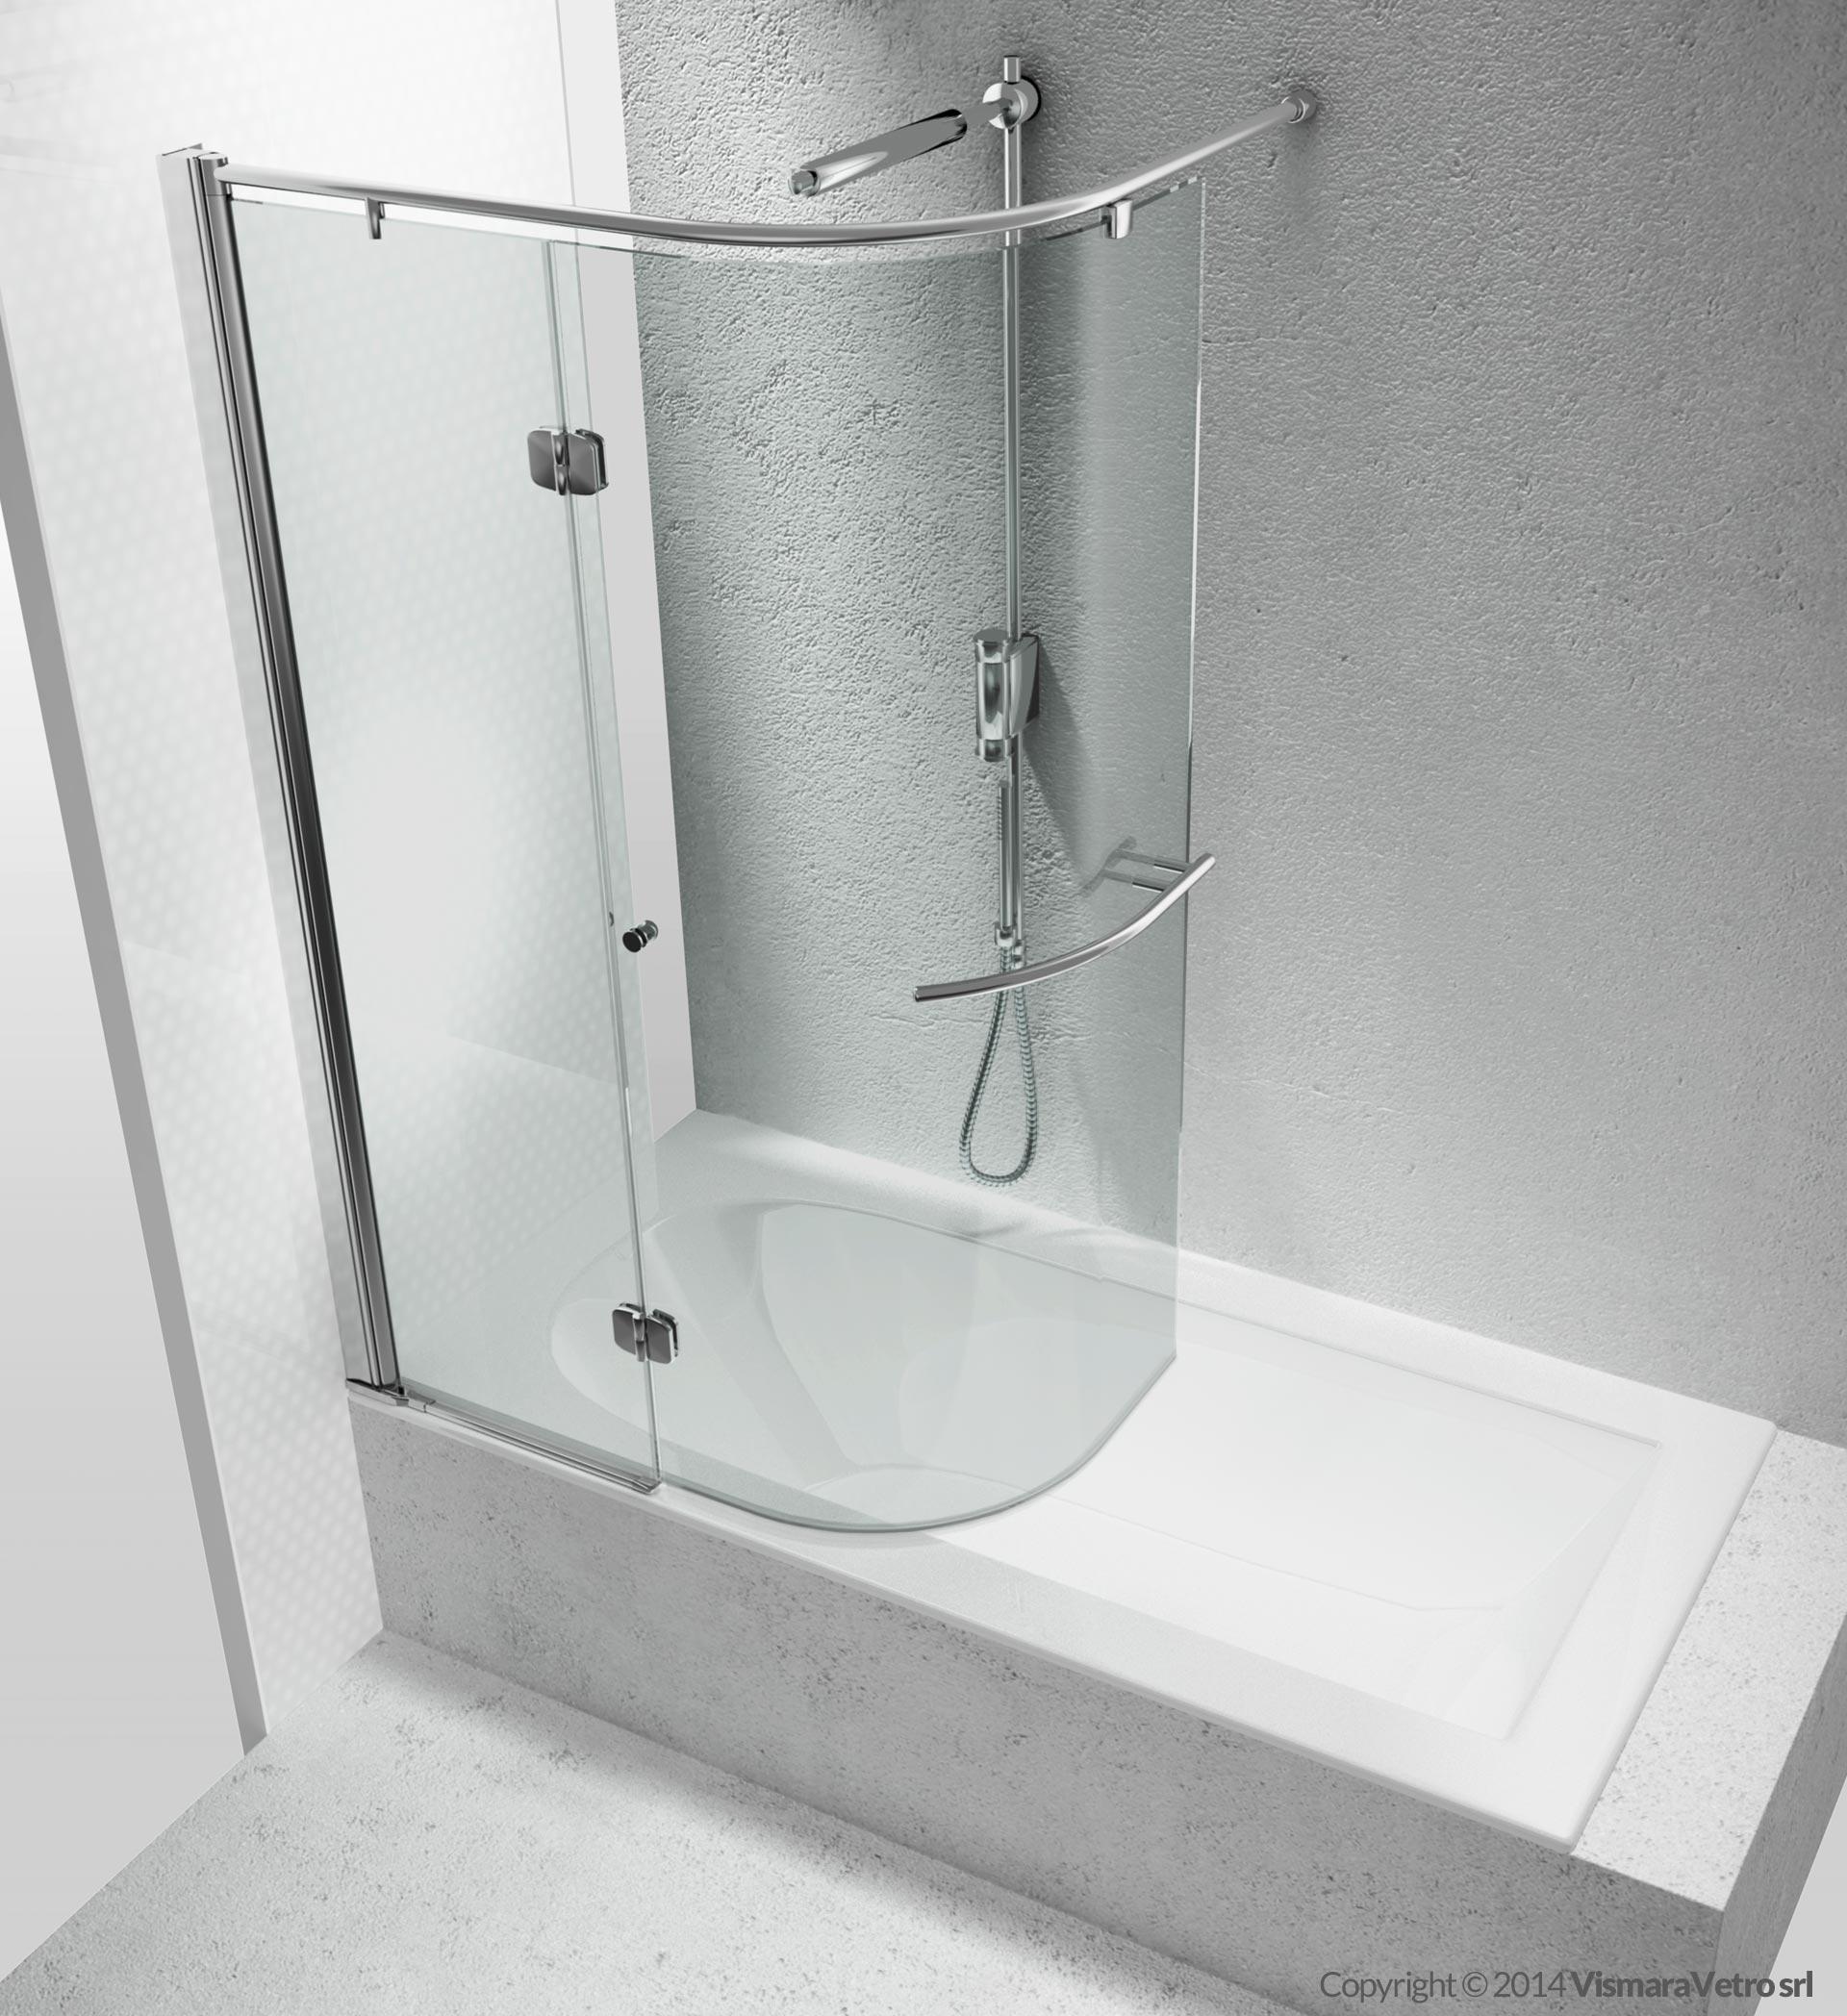 Stunning Cabine Doccia Per Vasca Da Bagno Ideas - New Home Design ...